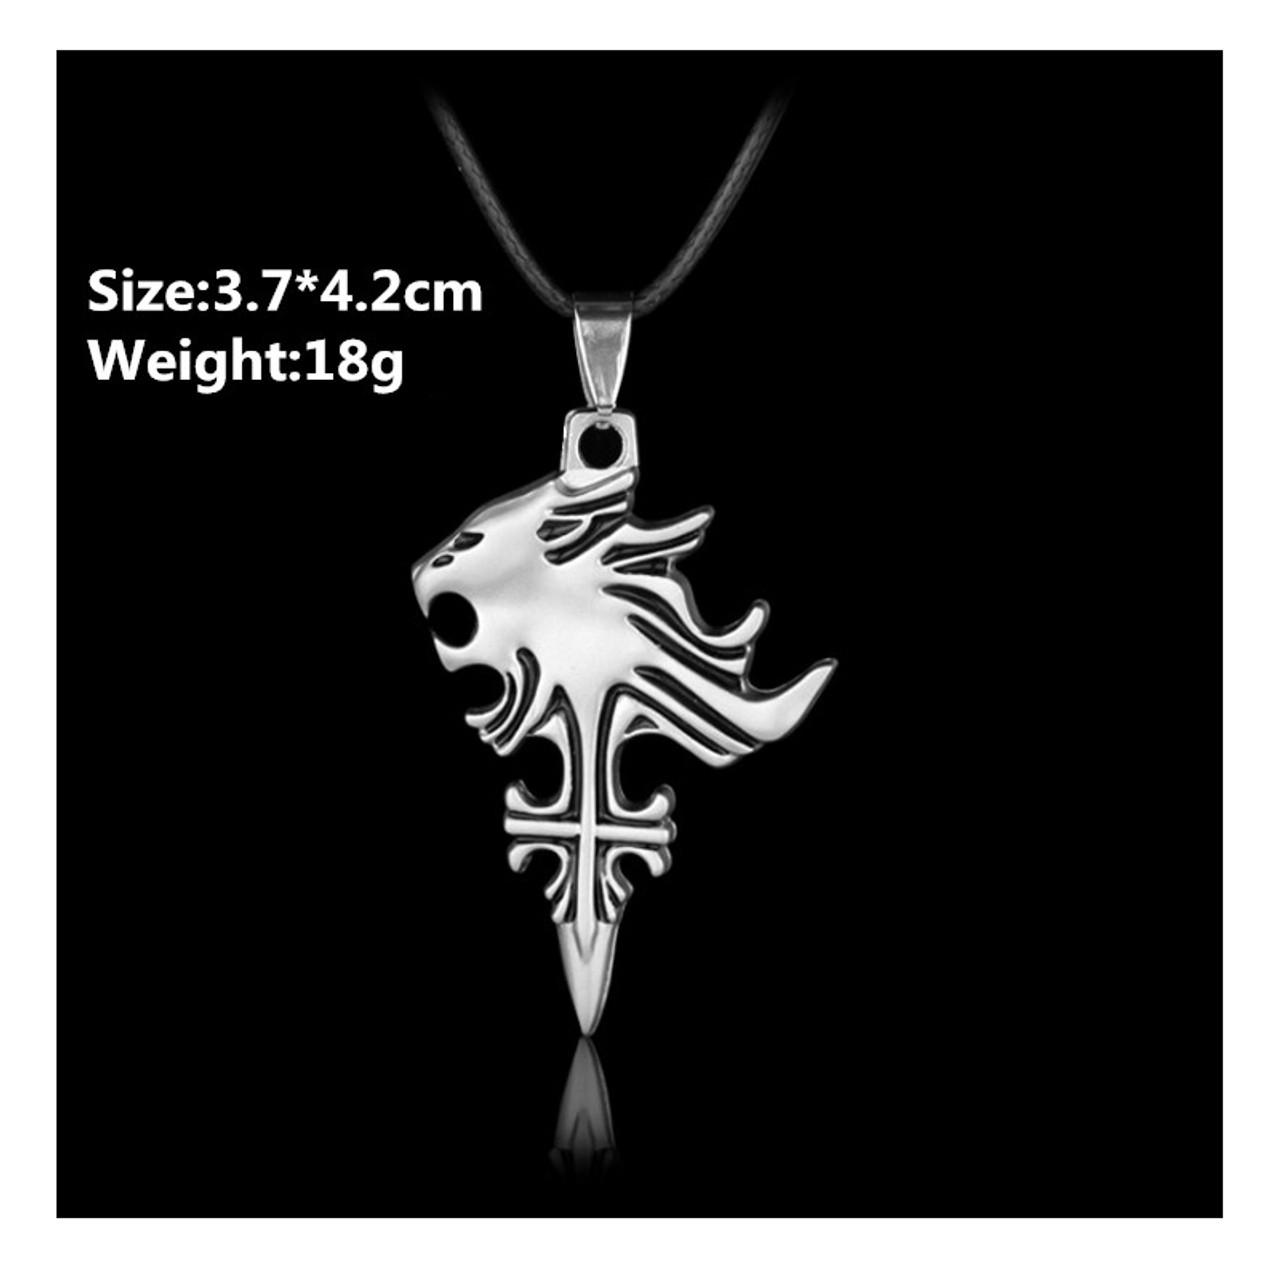 Final fantasy cloud buster strife wolf emblem pendant charm necklace final fantasy cloud buster strife wolf emblem pendant charm necklace cosplay bk mozeypictures Images